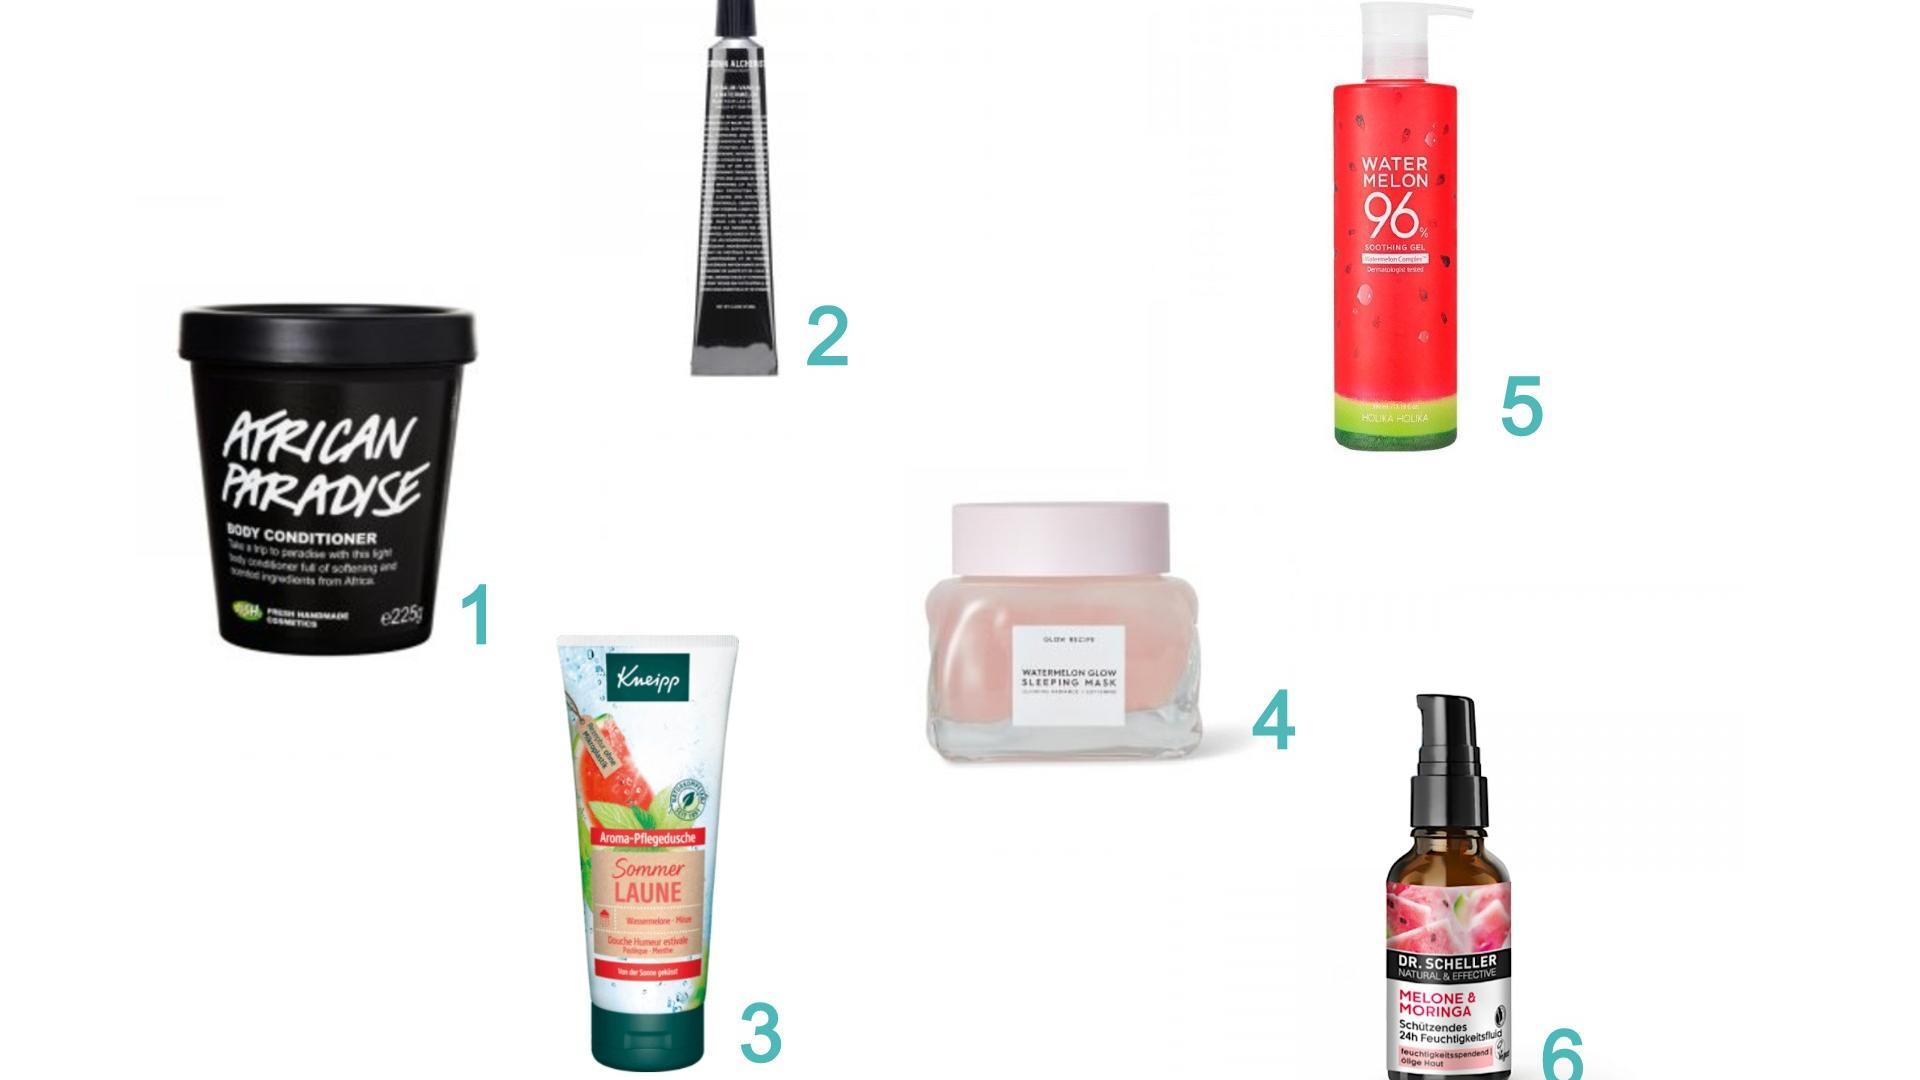 Große Auswahl: Mittlerweile gibt es viele Produkte, die Wassermelone enthalten.